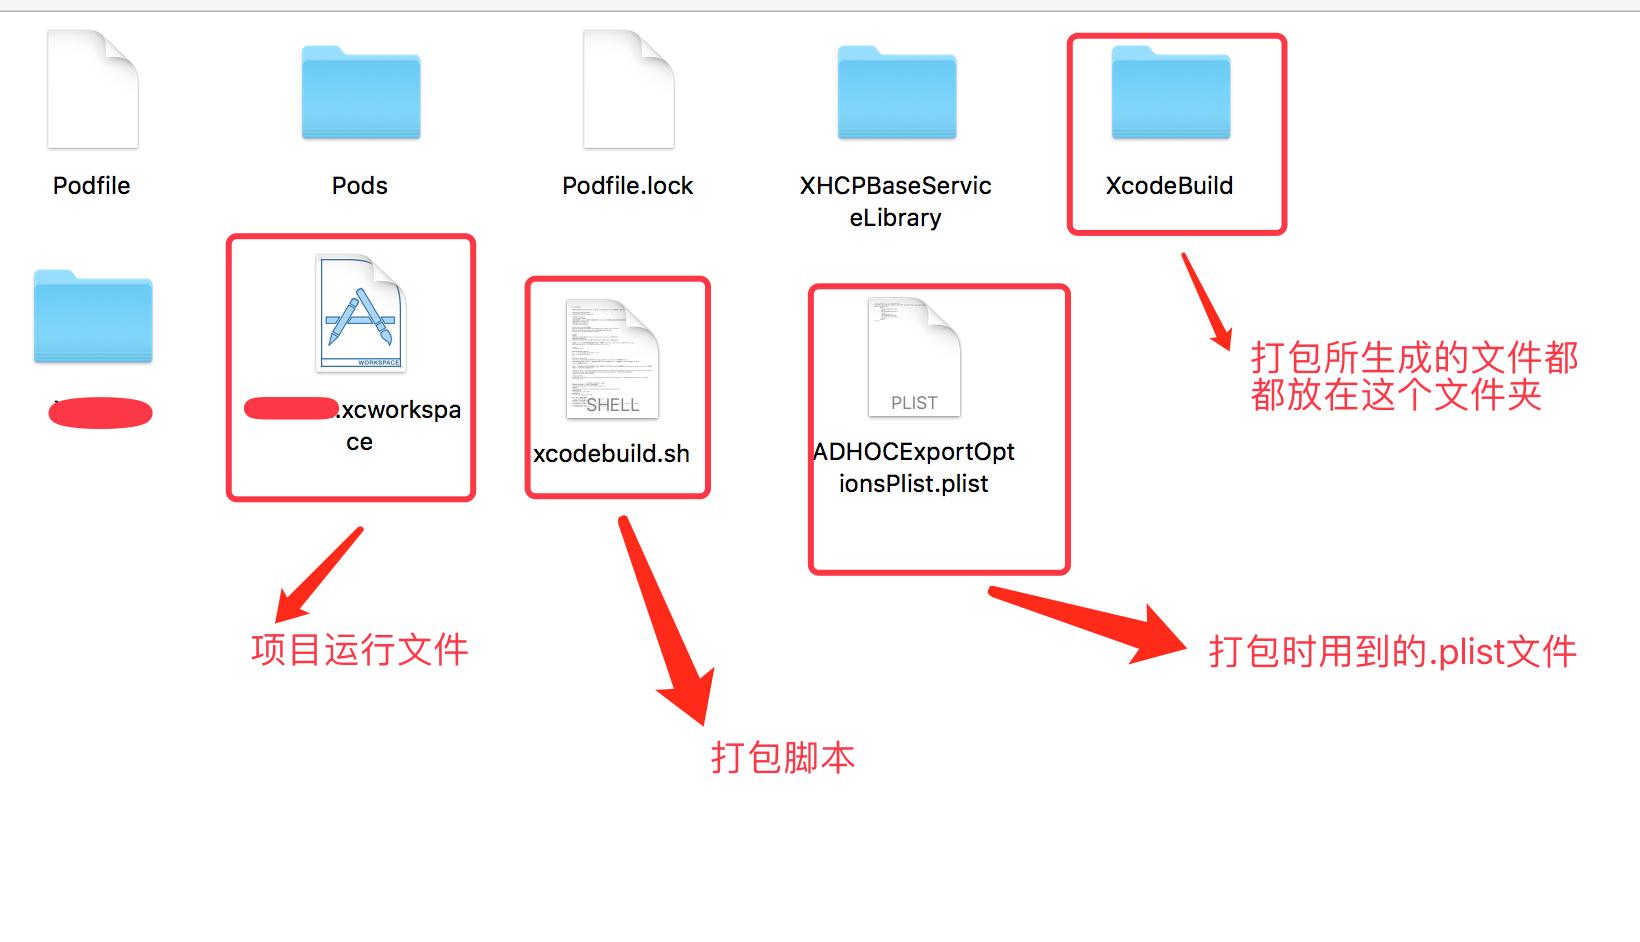 使用终端Xcodebuild 打包 ipa上传到fir im - 04zhujunjie的个人空间- OSCHINA